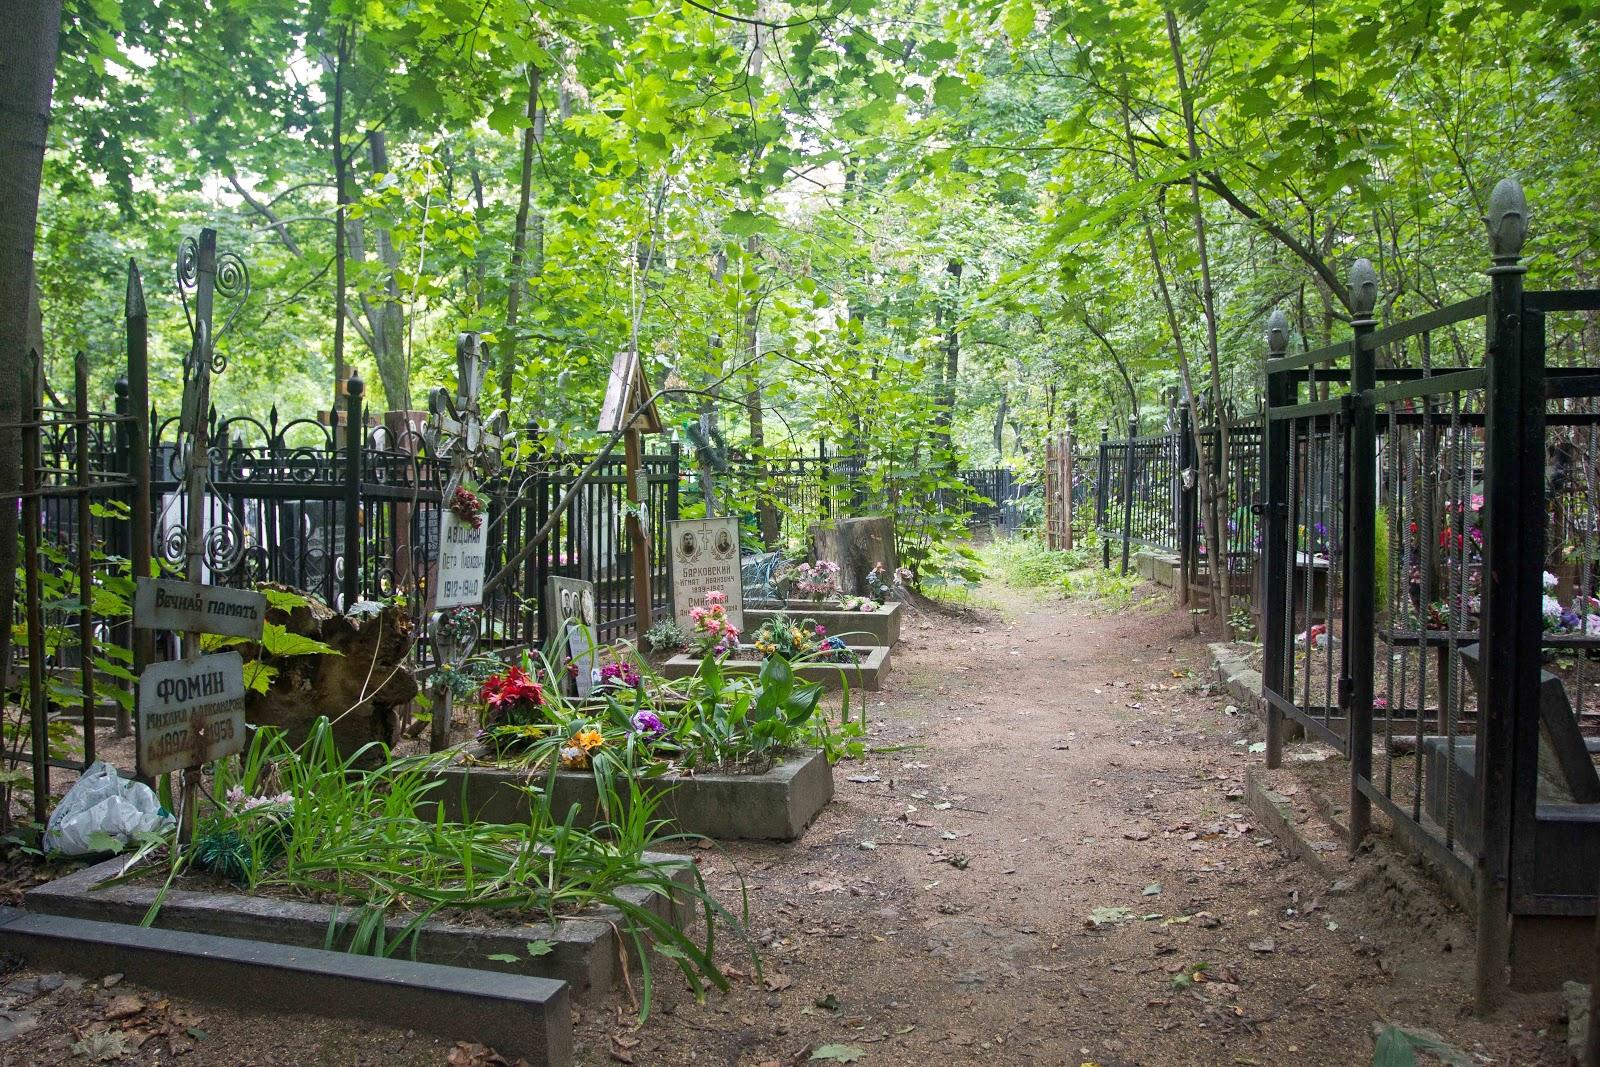 Можно ли приехать на кладбище в родительский день во время карантина?